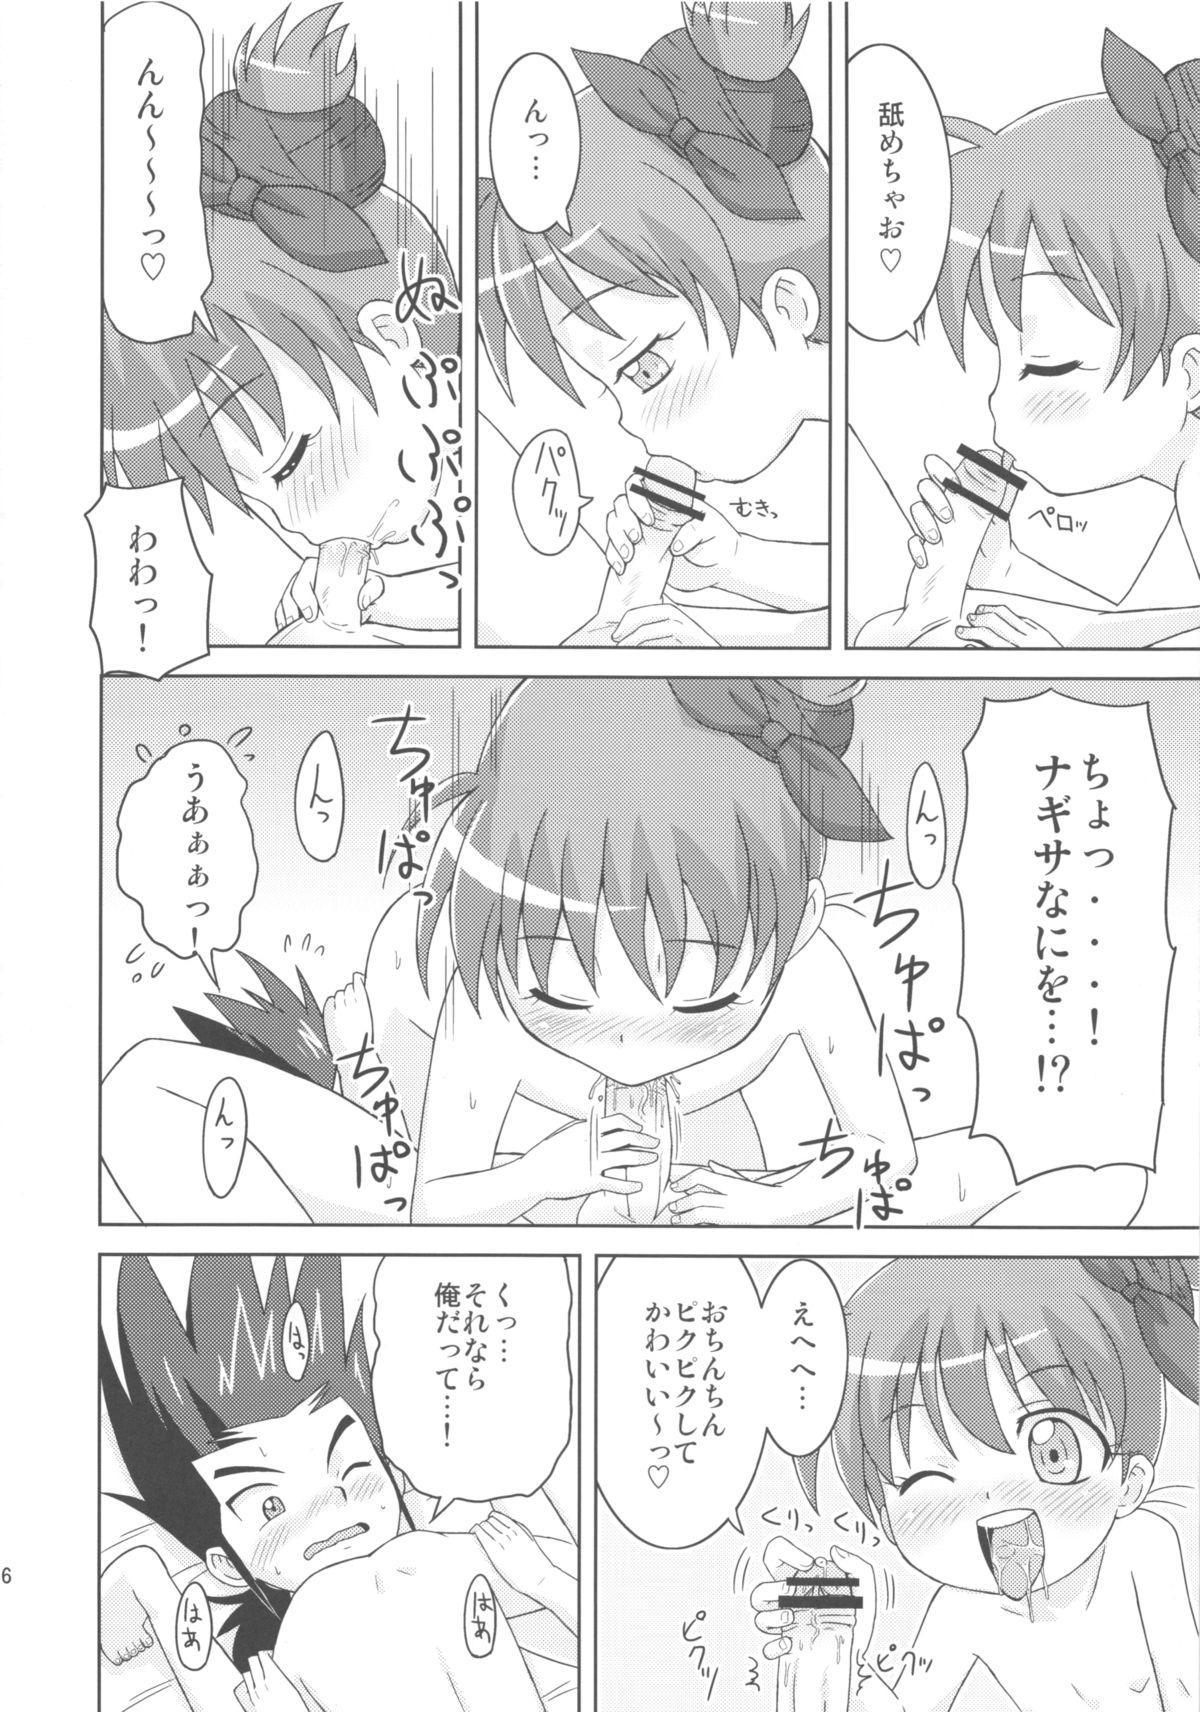 (Puniket 27) [Tori no Ya (Mashikodori)] Kamui-kun to Nagisa-chan to. (Cardfight!! Vanguard) 15